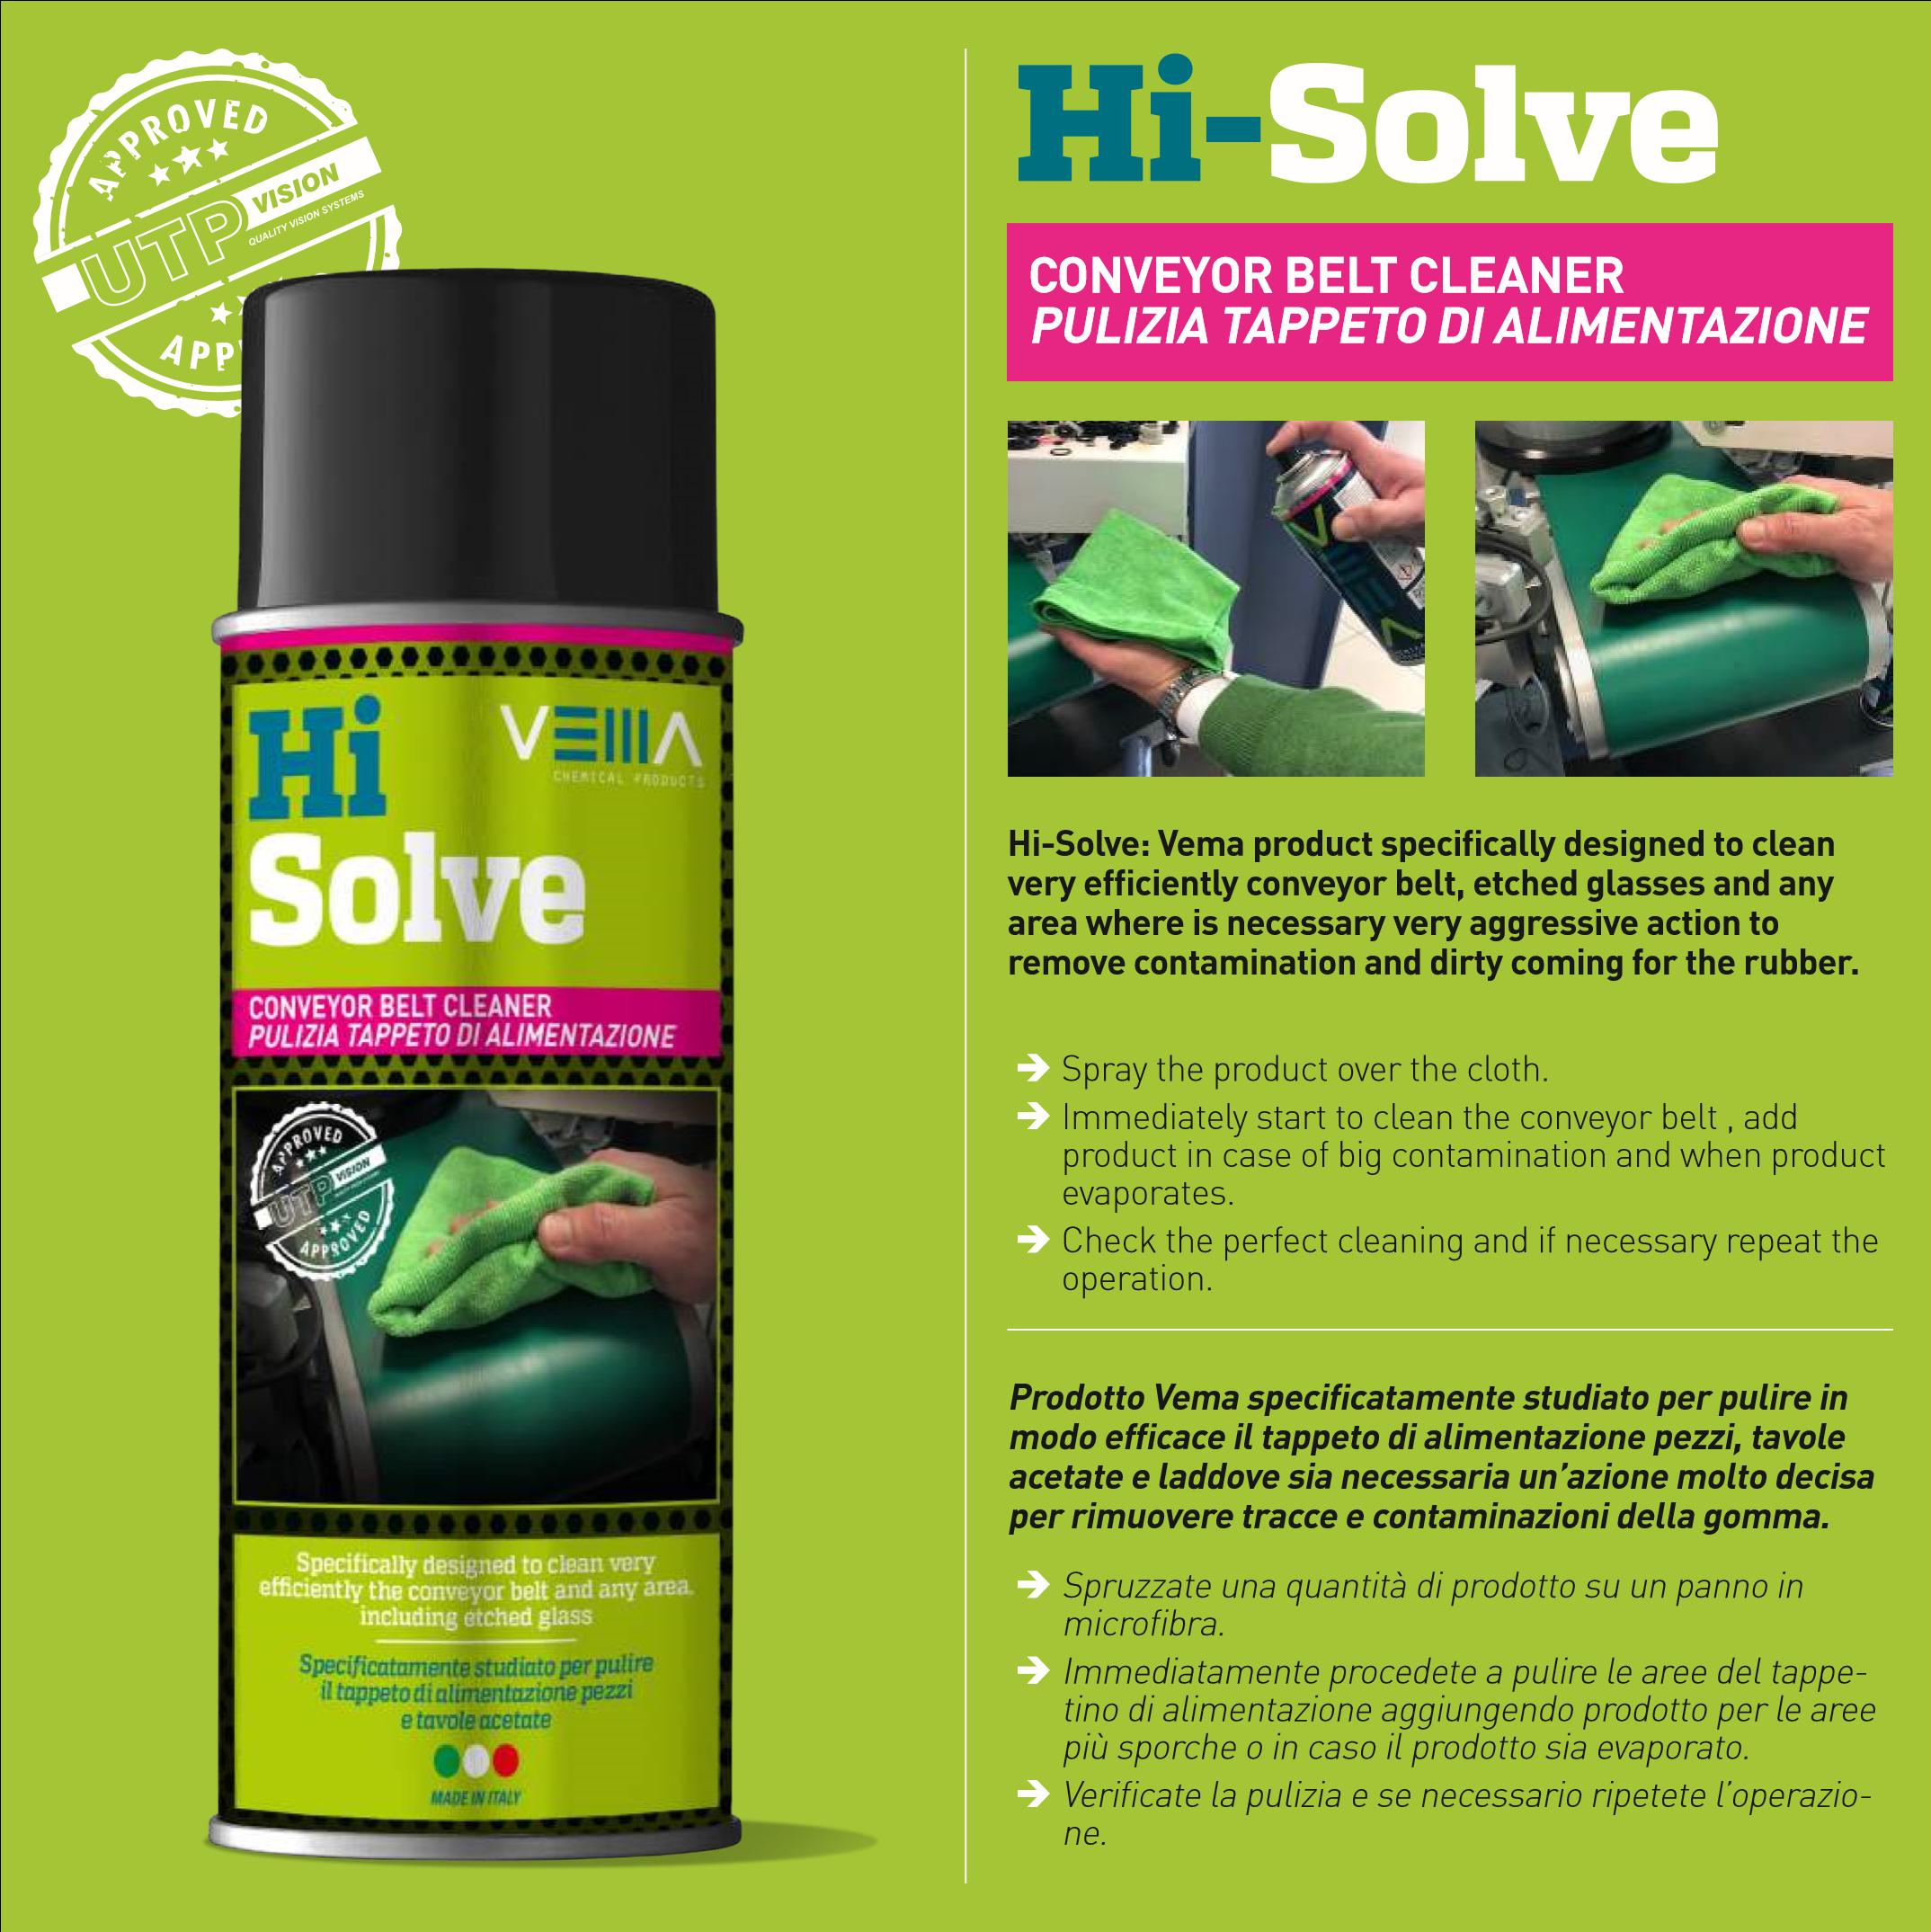 hi-solve